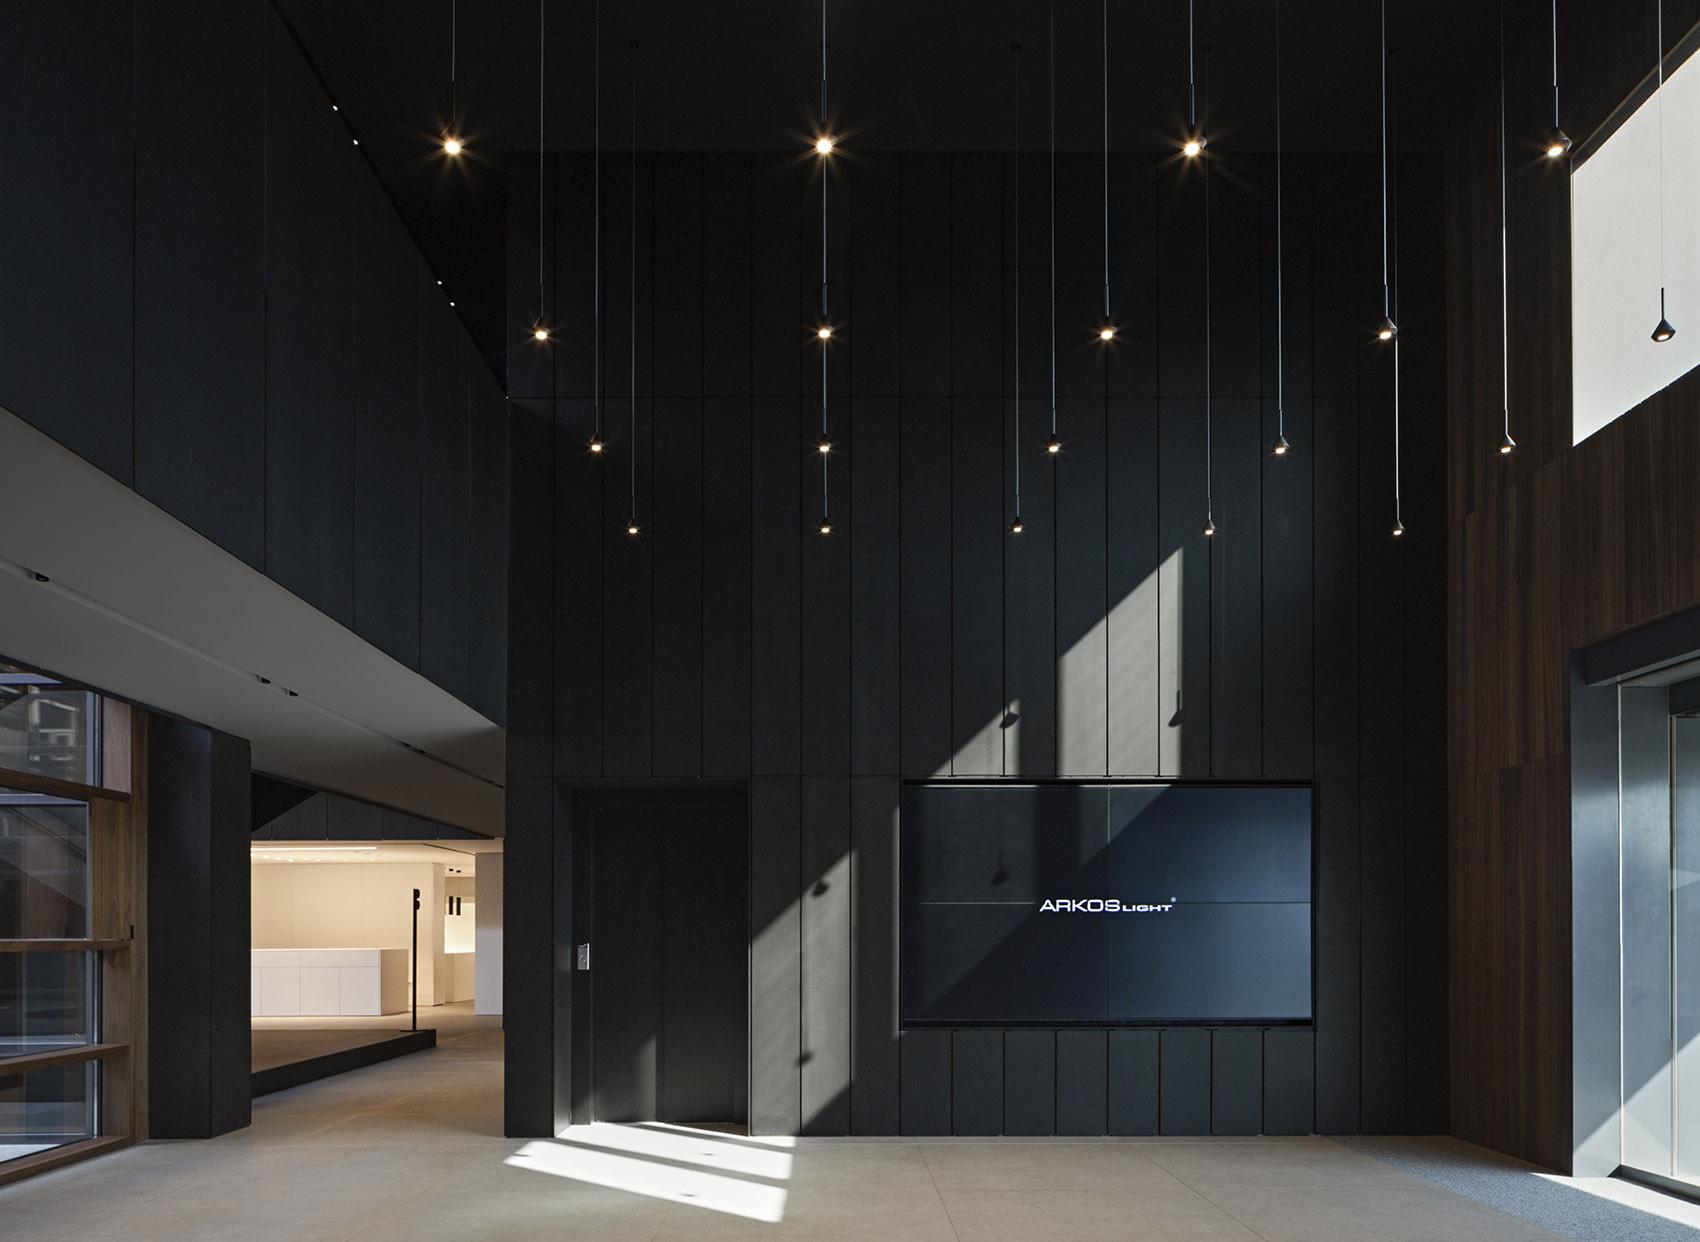 暗黑系办公设计,时尚气派又不失神秘感。